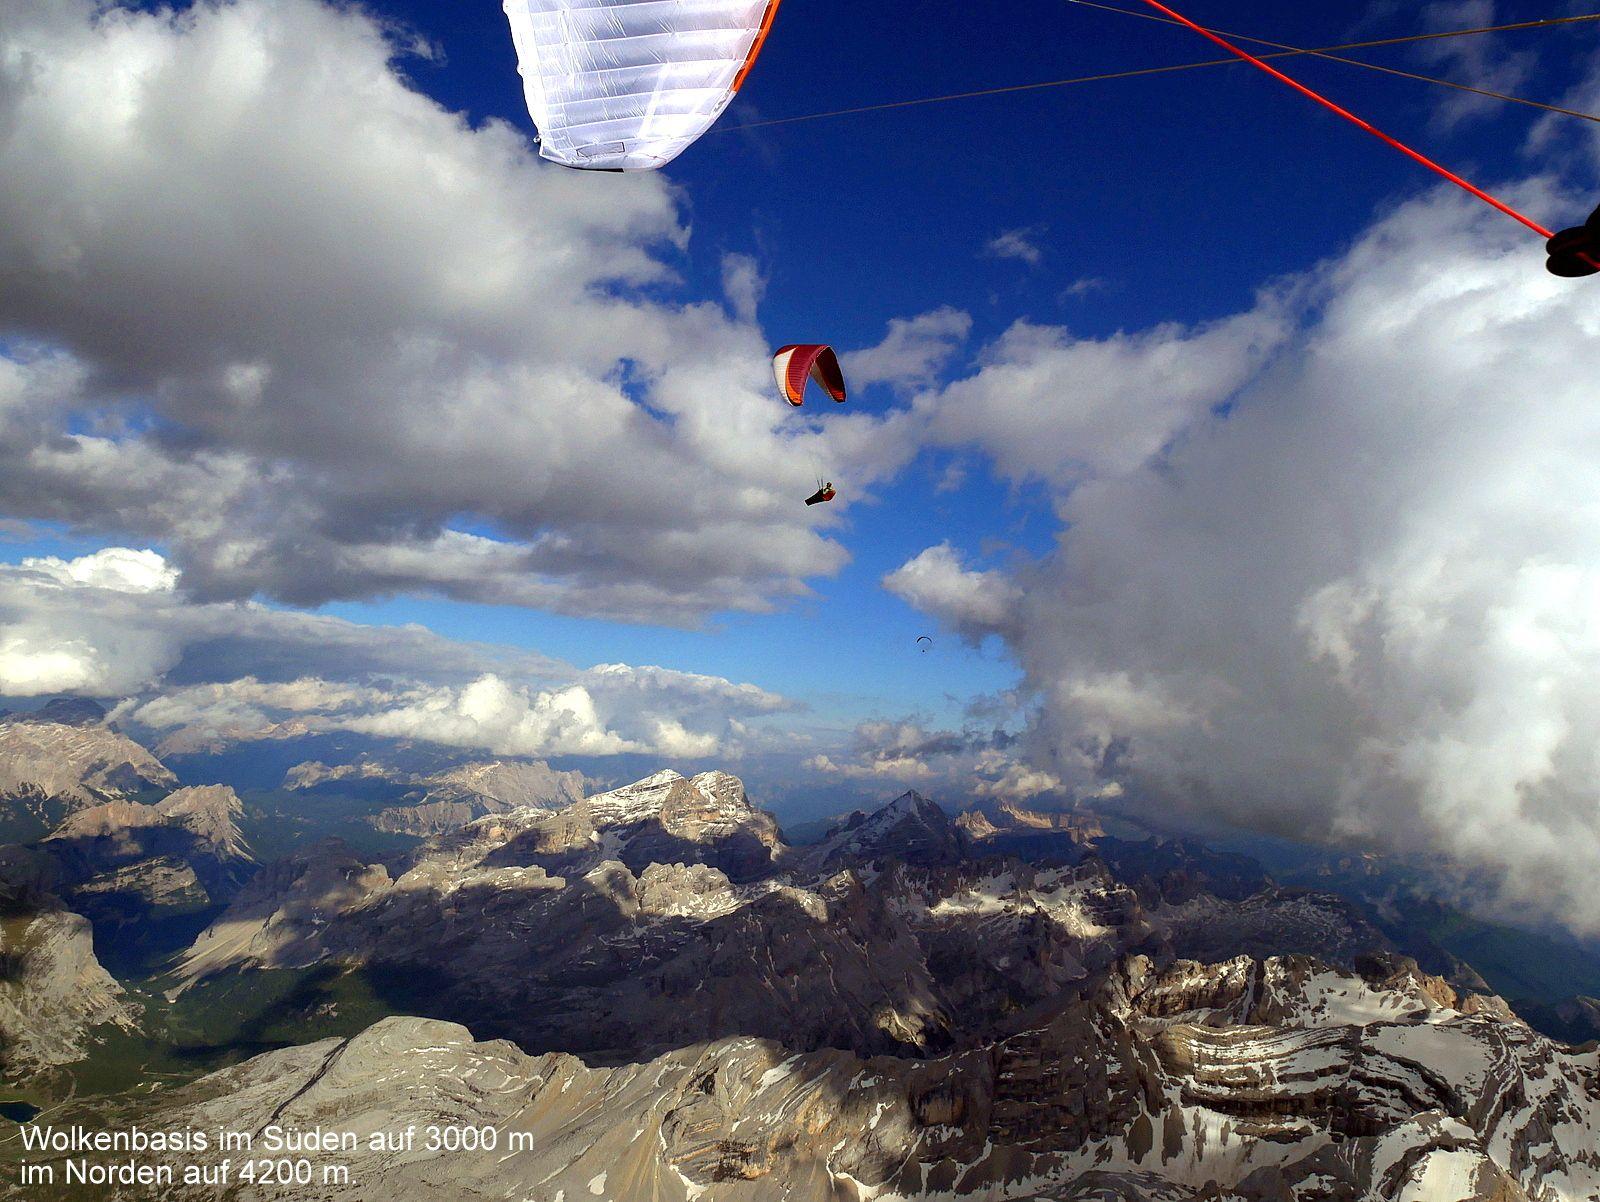 Oliver Teubert - Flug Grente, Italien - skywalk paragliders